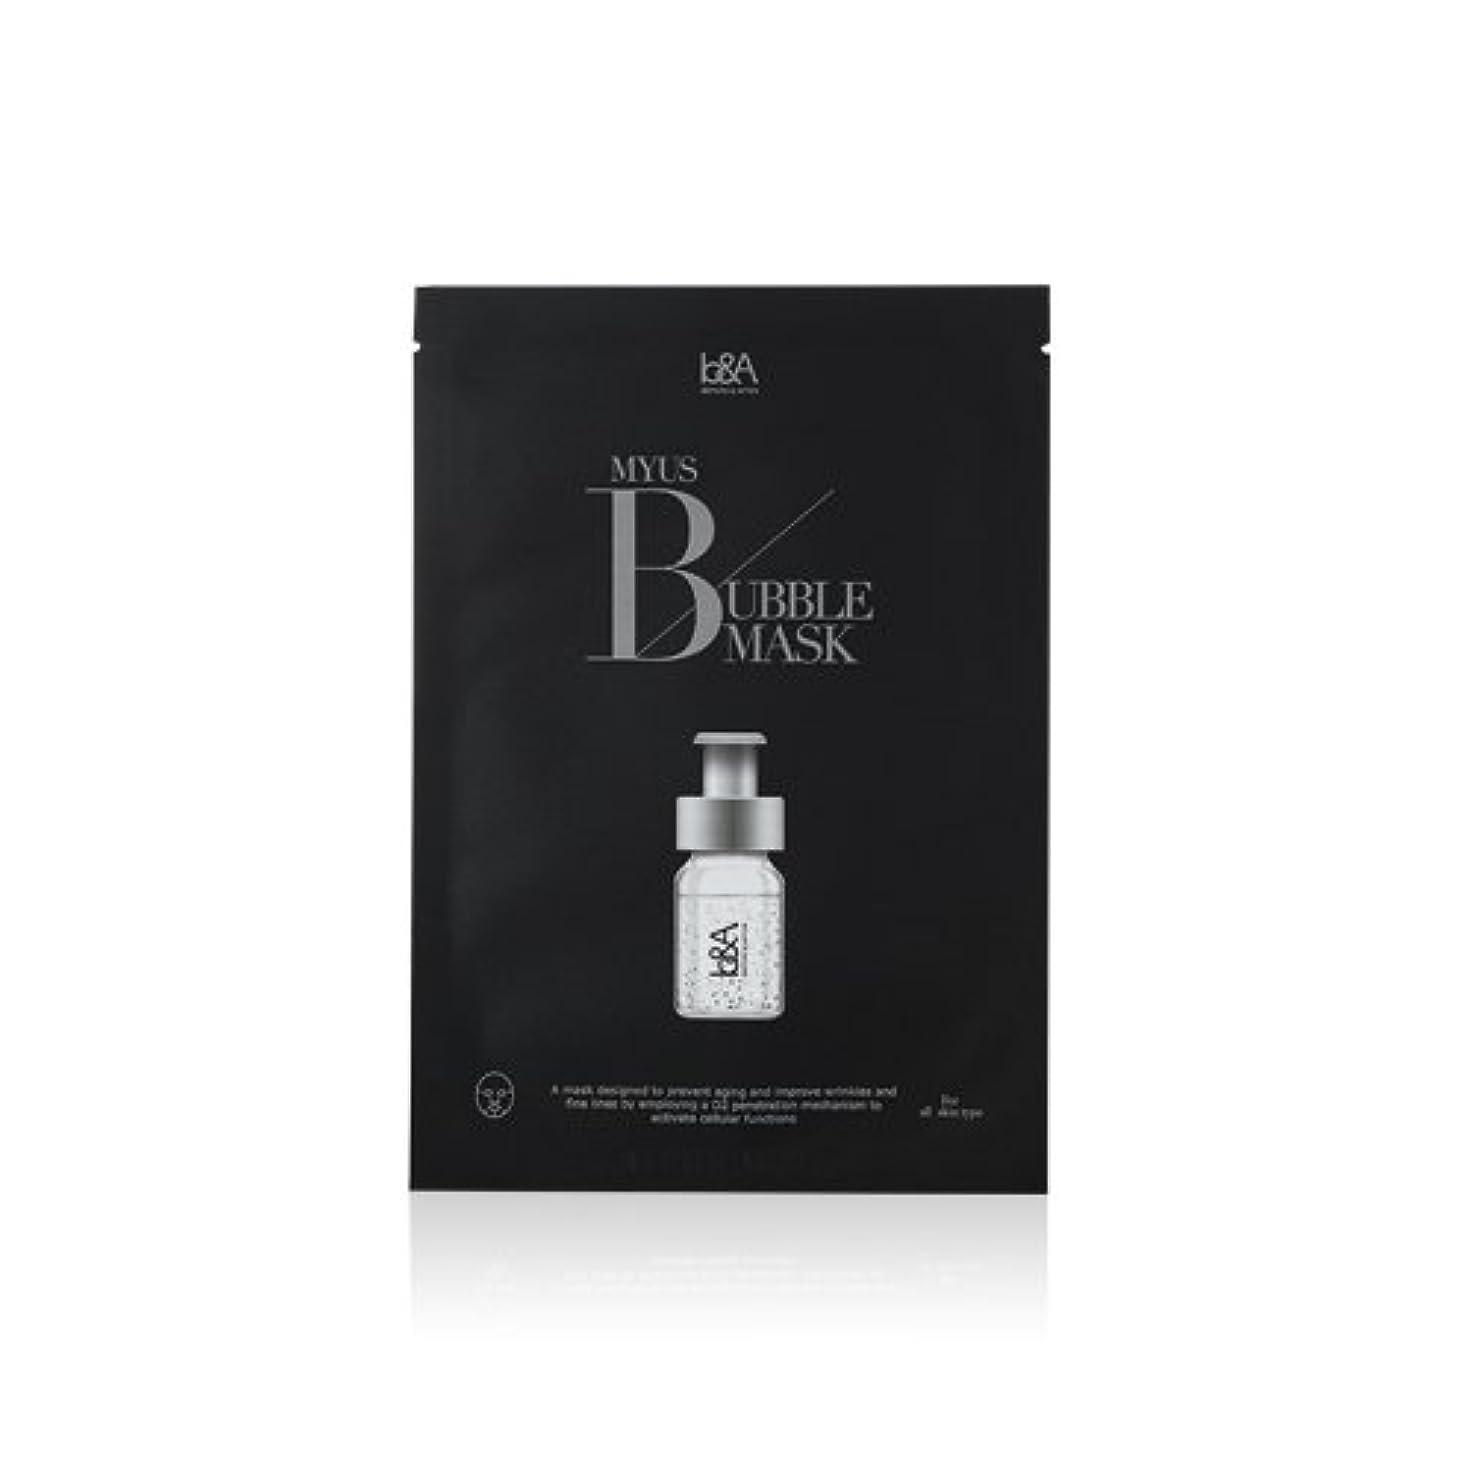 コメンテーター買収光電BigBang Top [K cosmetic][K beauty] Celeb's-Secret MYUS BUBBLE MASK 5pcs [海外直送品][並行輸入品]